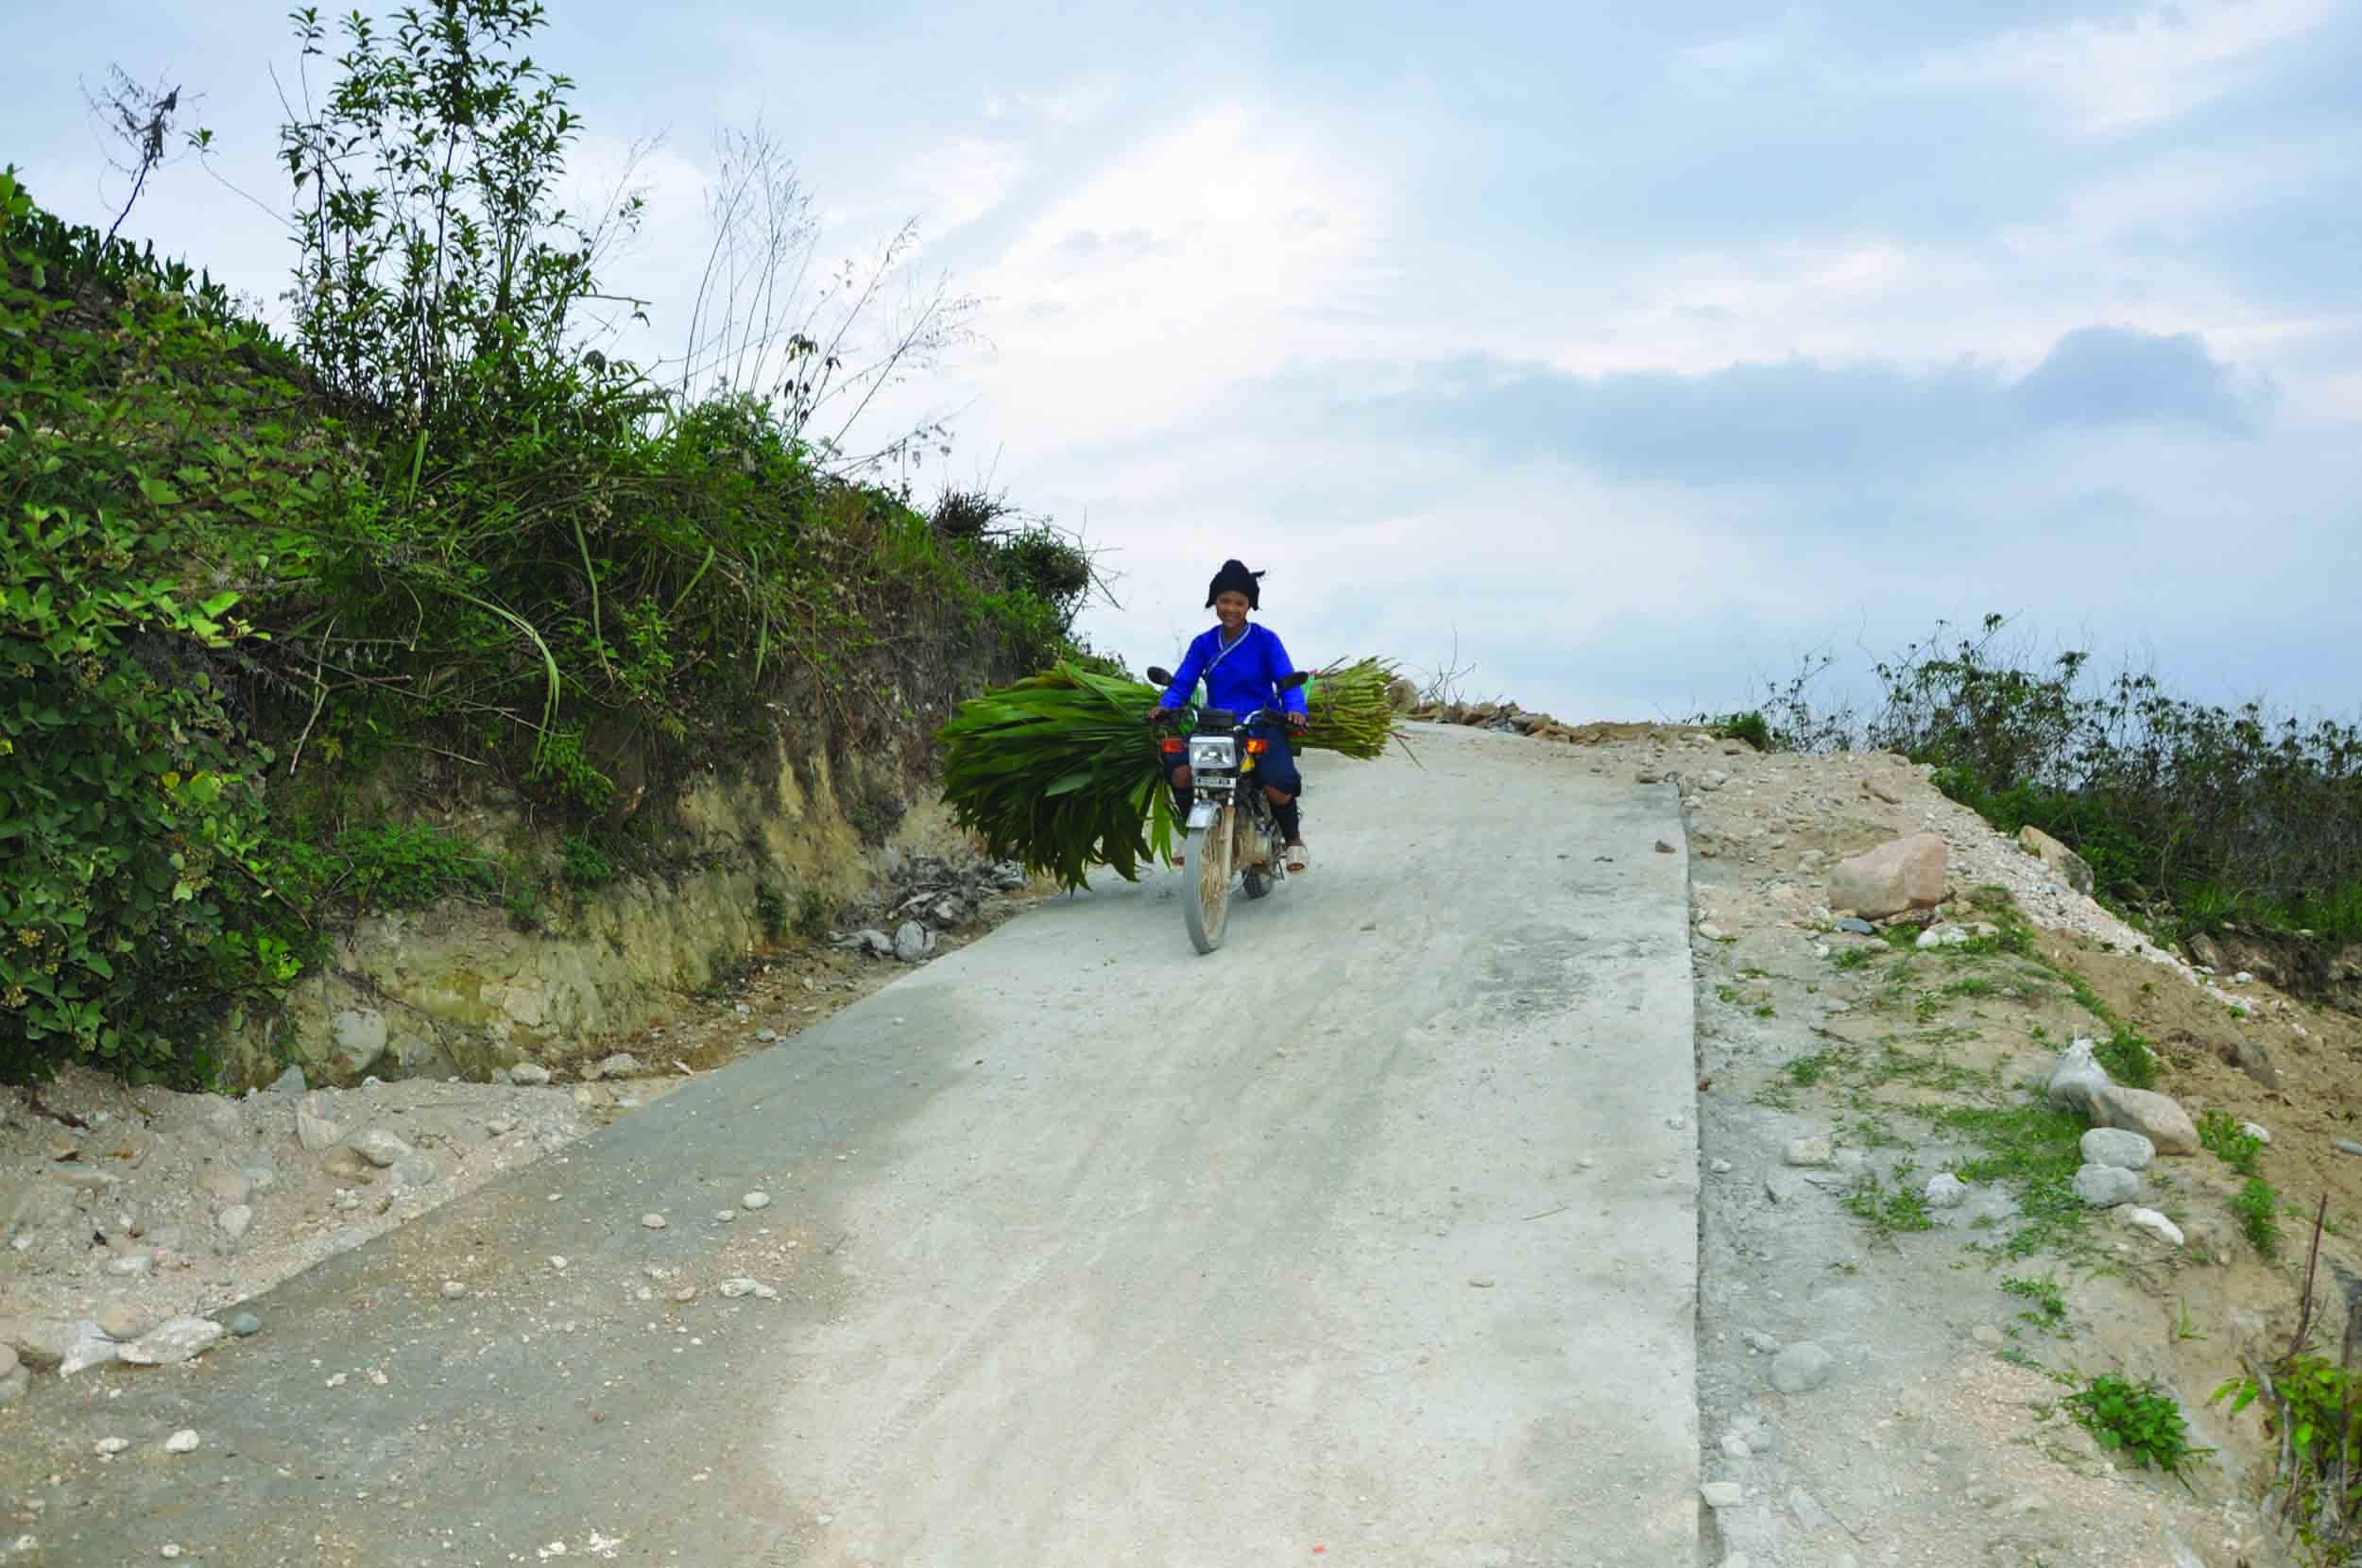 Nhà nước đã dành một khoản kinh phí rất lớn để đầu tư cơ sở hạ tầng vùng DTTS, miền núi. (Trong ảnh: Đường giao thông NTM tại huyện Hoàng Su Phì, tỉnh Hà Giang). Ảnh: Thanh Huyền